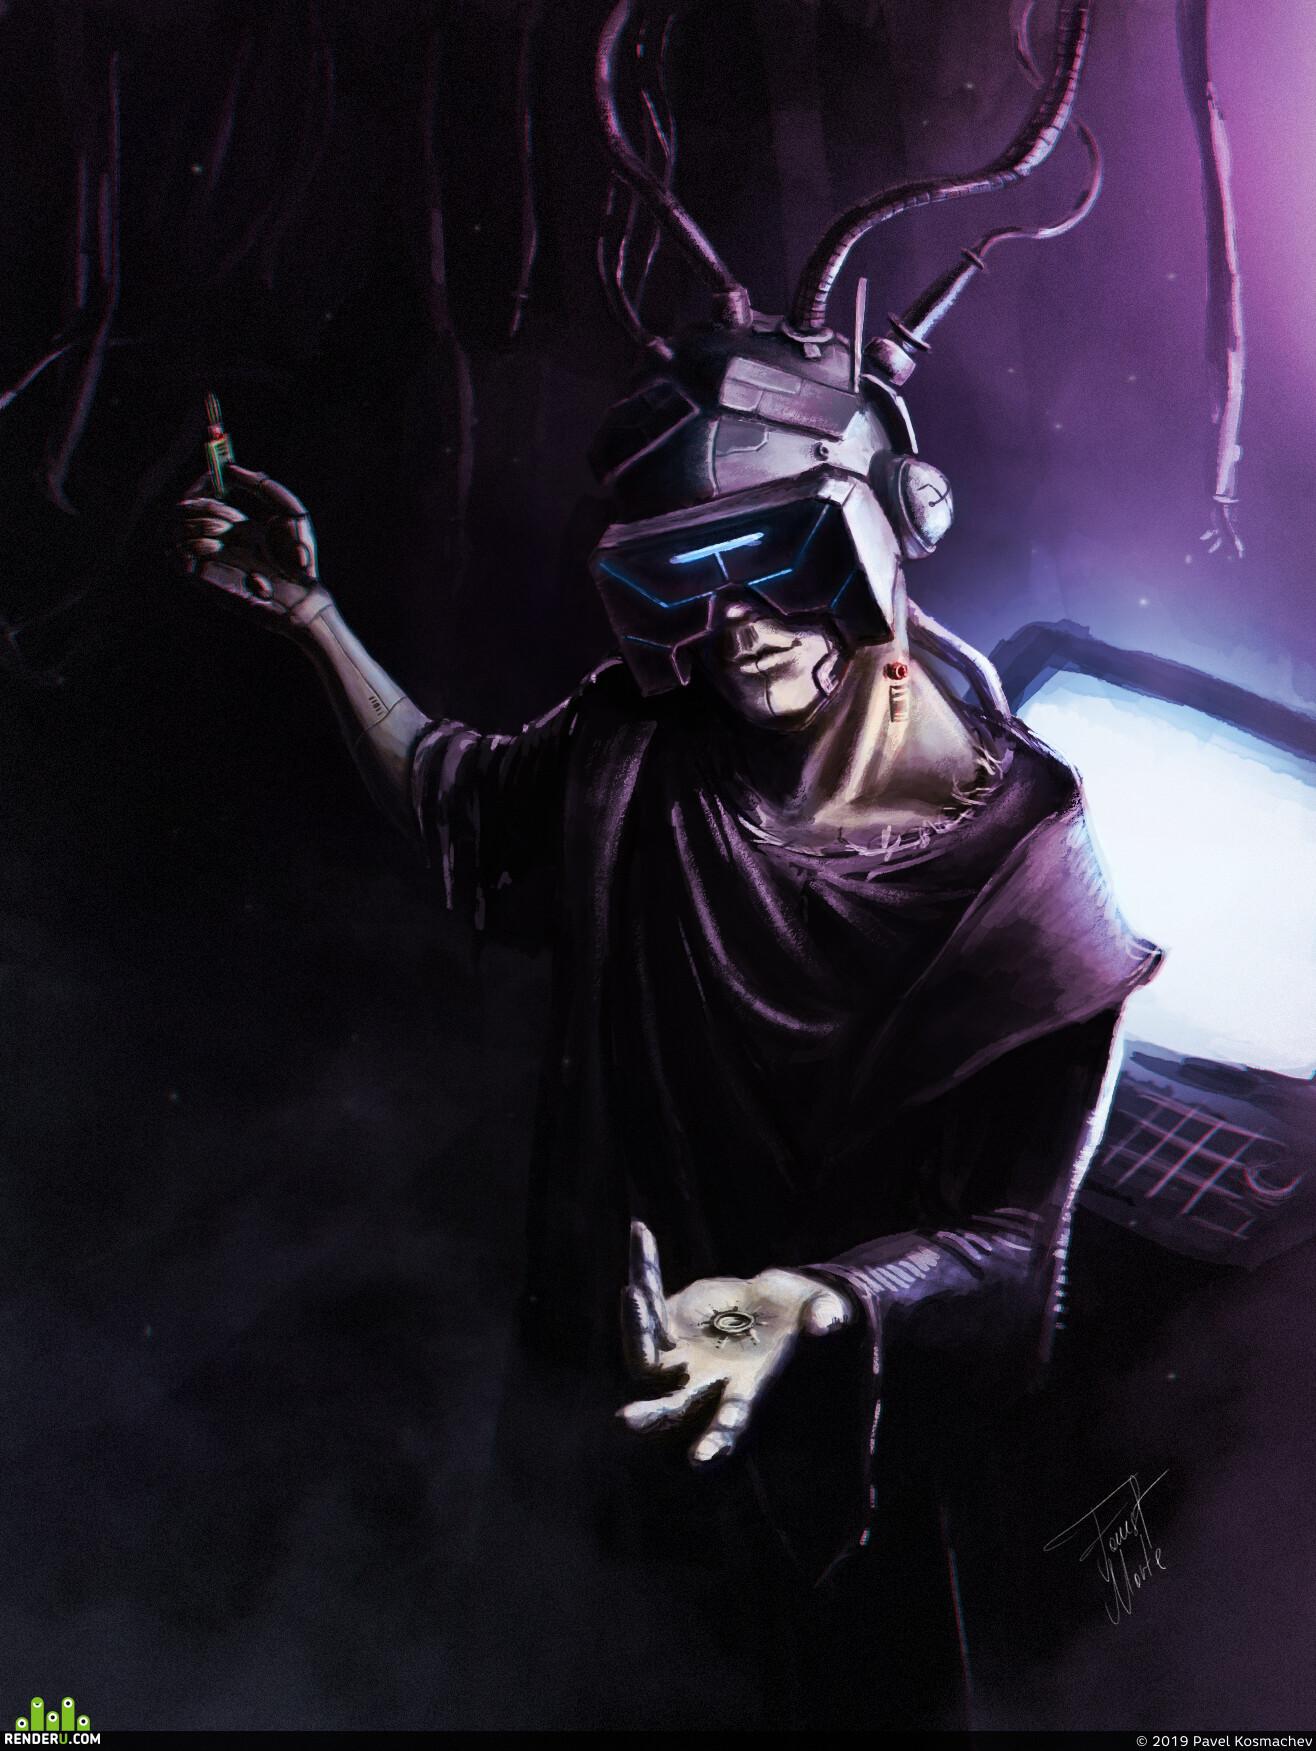 Photoshop, cyber punk, Cyberpunk 2077, sci-fi, scifi